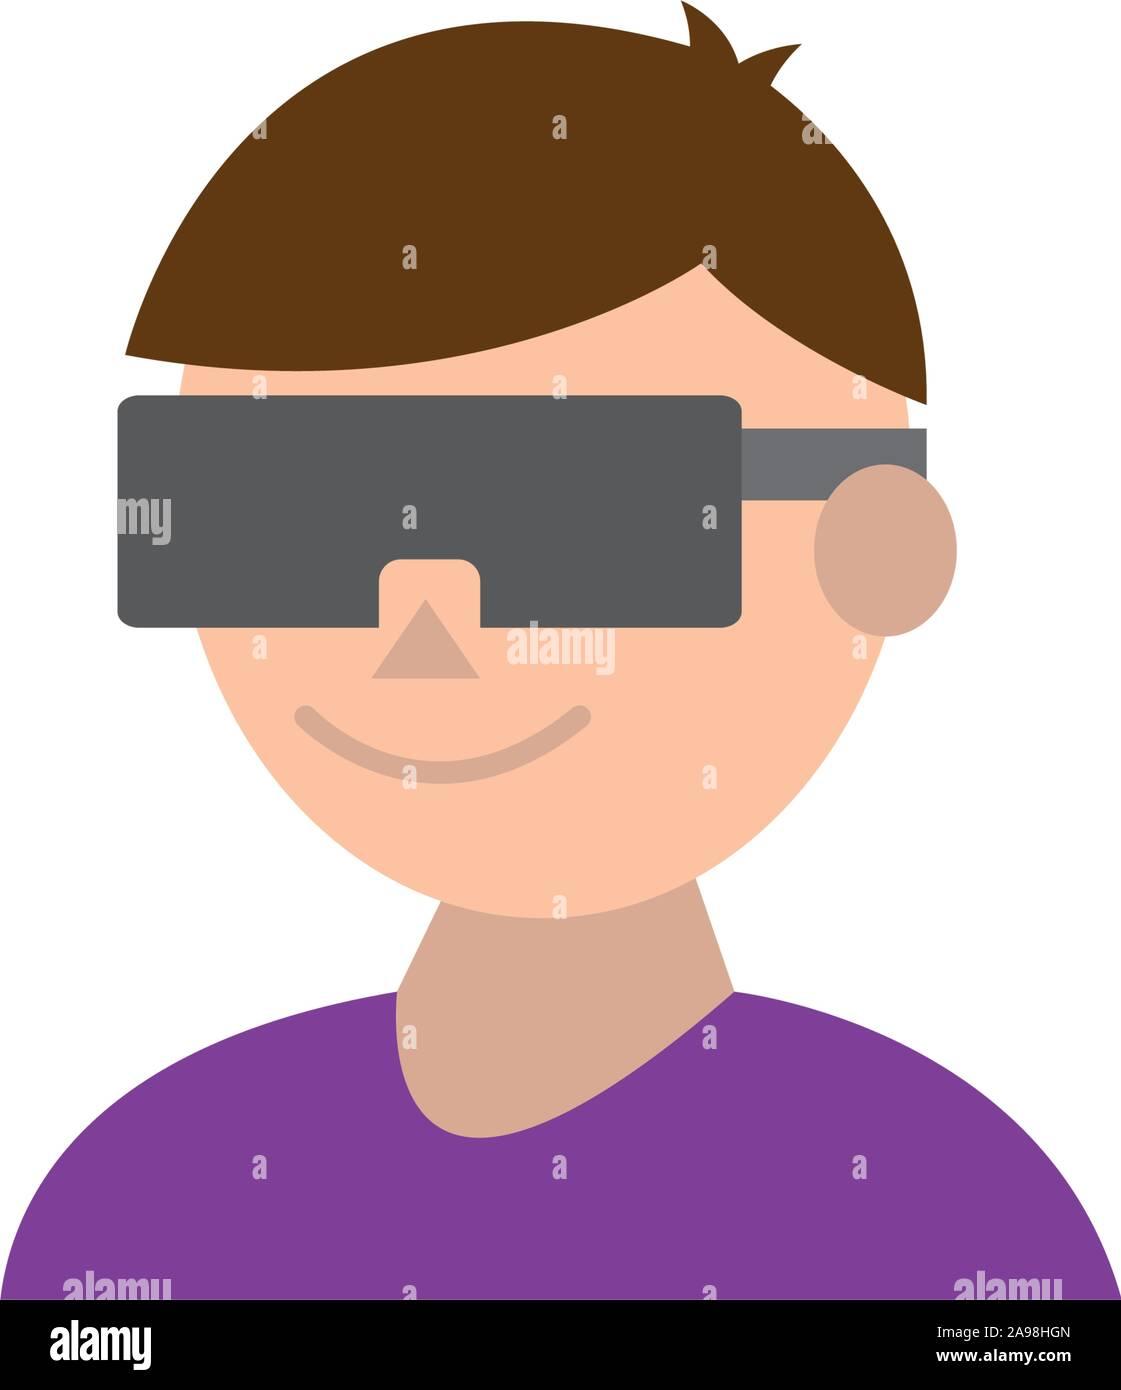 Avatar avec smartglasses icône concevoir, jouer des jeux vidéo la technologie des jeux de loisirs numériques de divertissement et joie thème Vector illustration Illustration de Vecteur